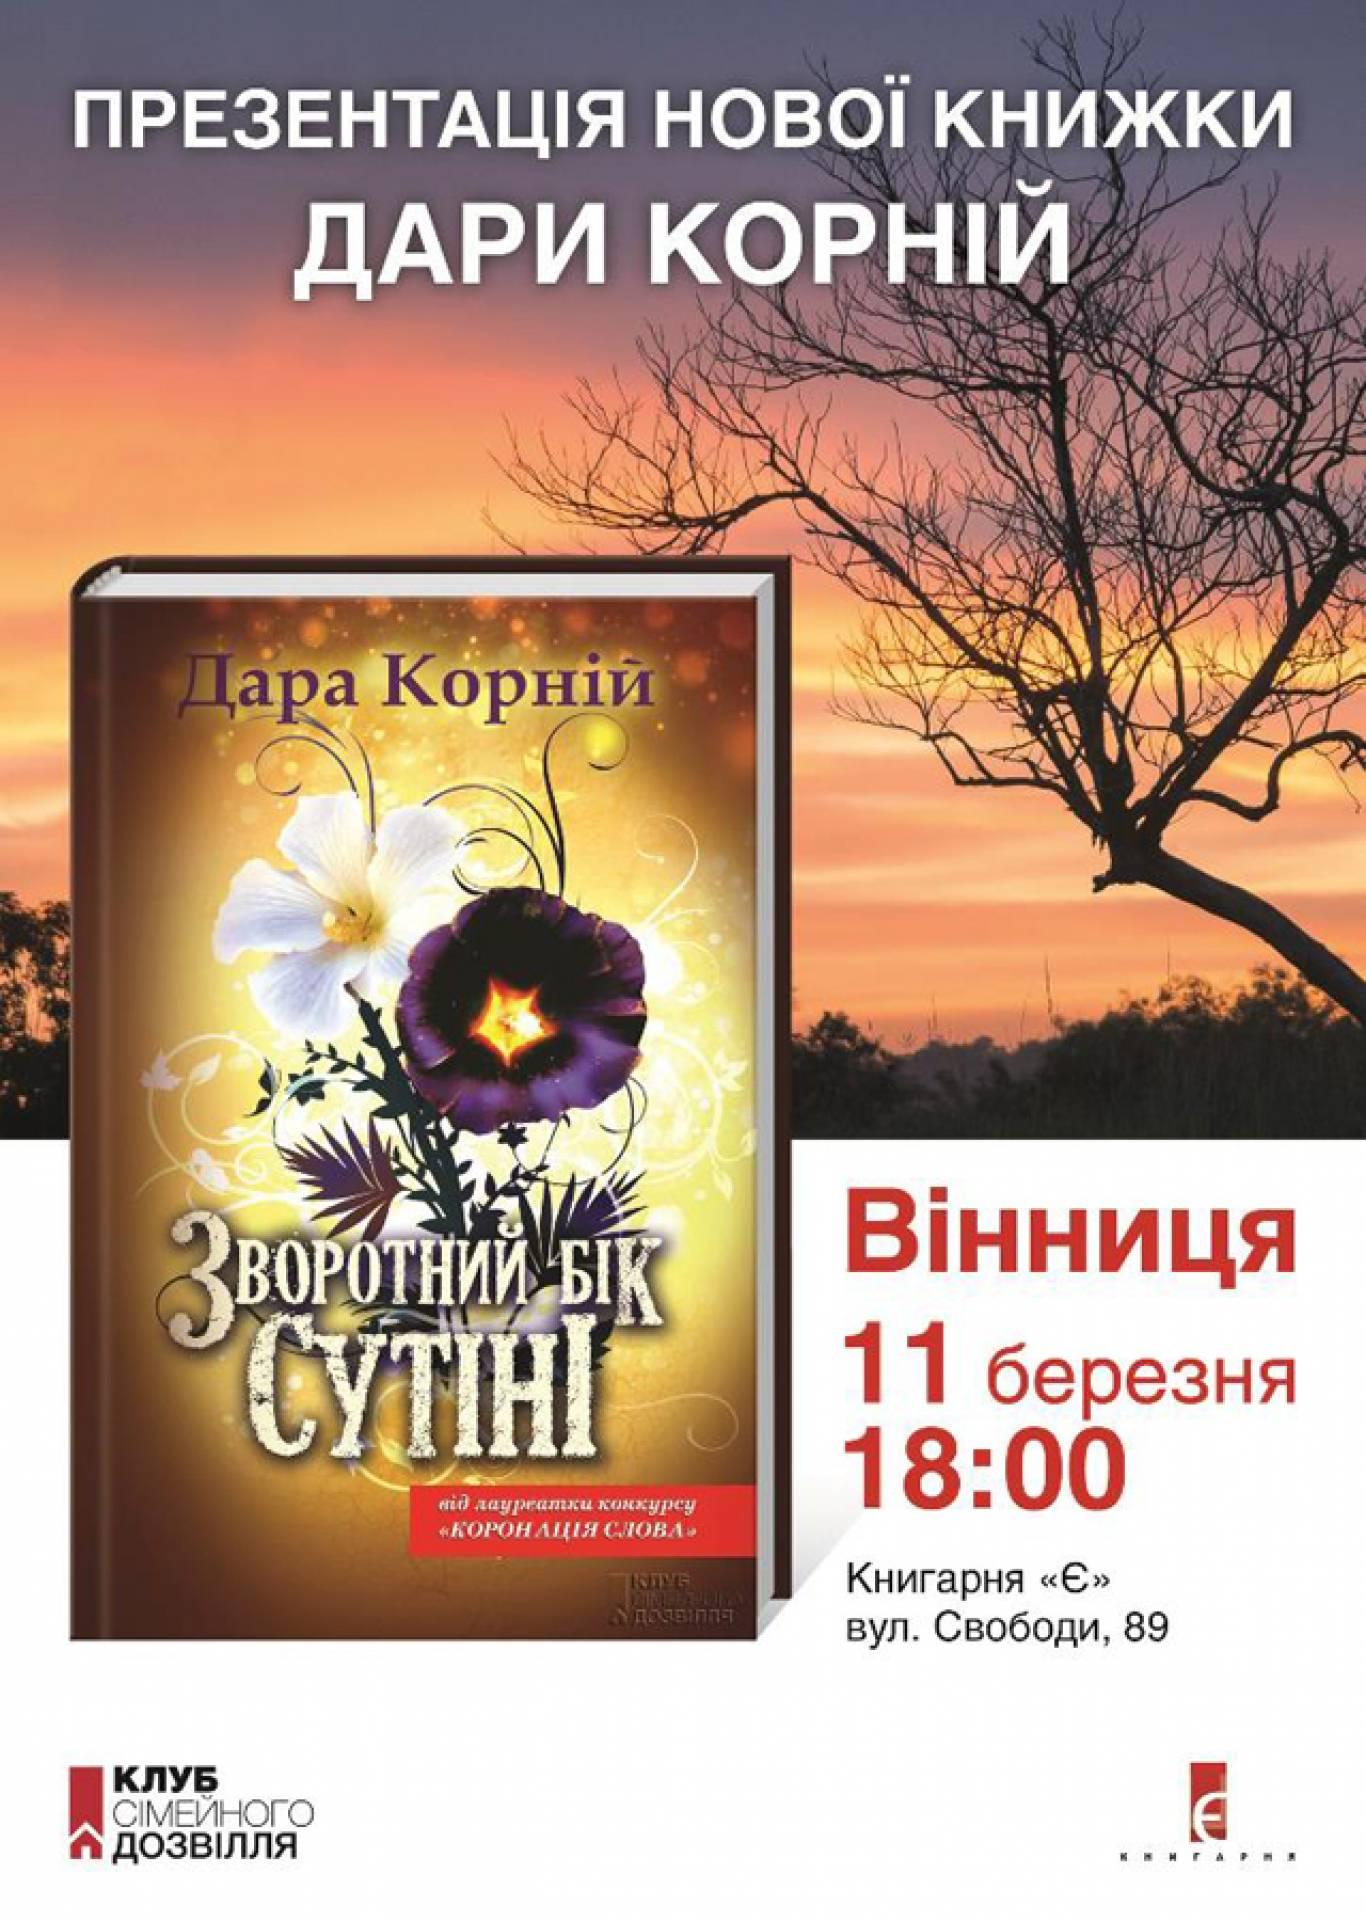 Презентація роману Дари Корній «Зворотний бік сутіні»